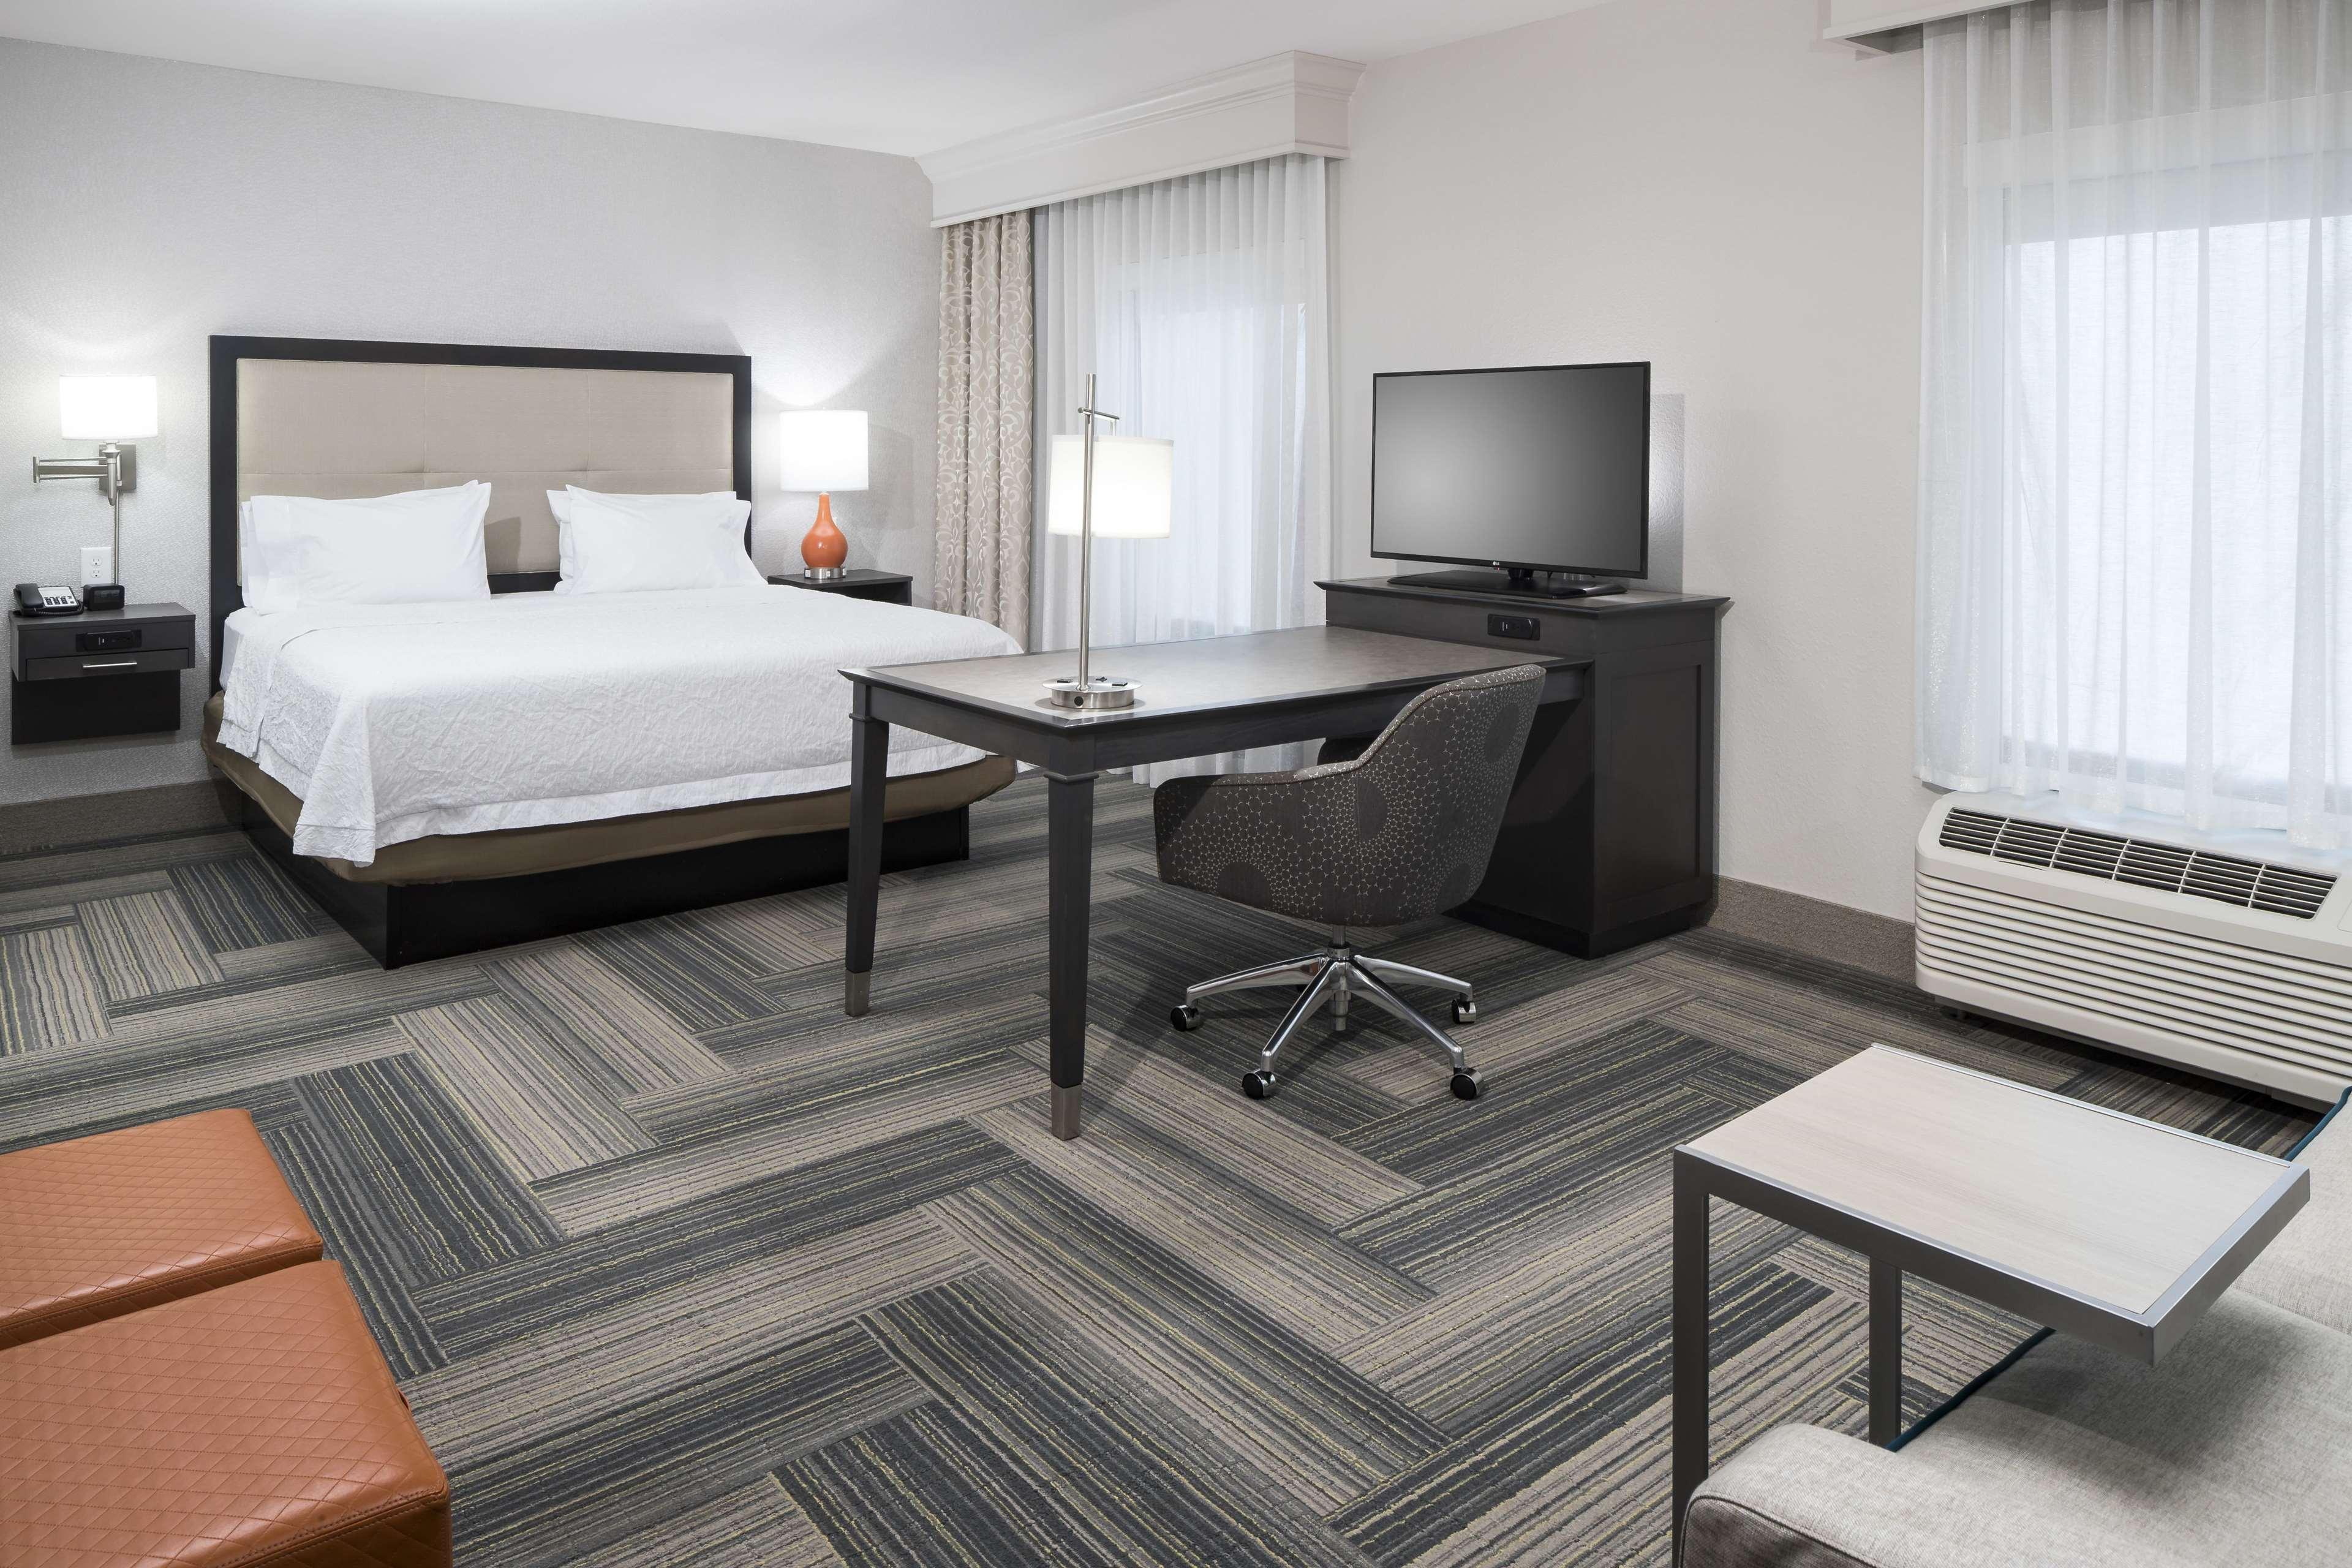 Hampton Inn & Suites by Hilton Atlanta Perimeter Dunwoody image 28